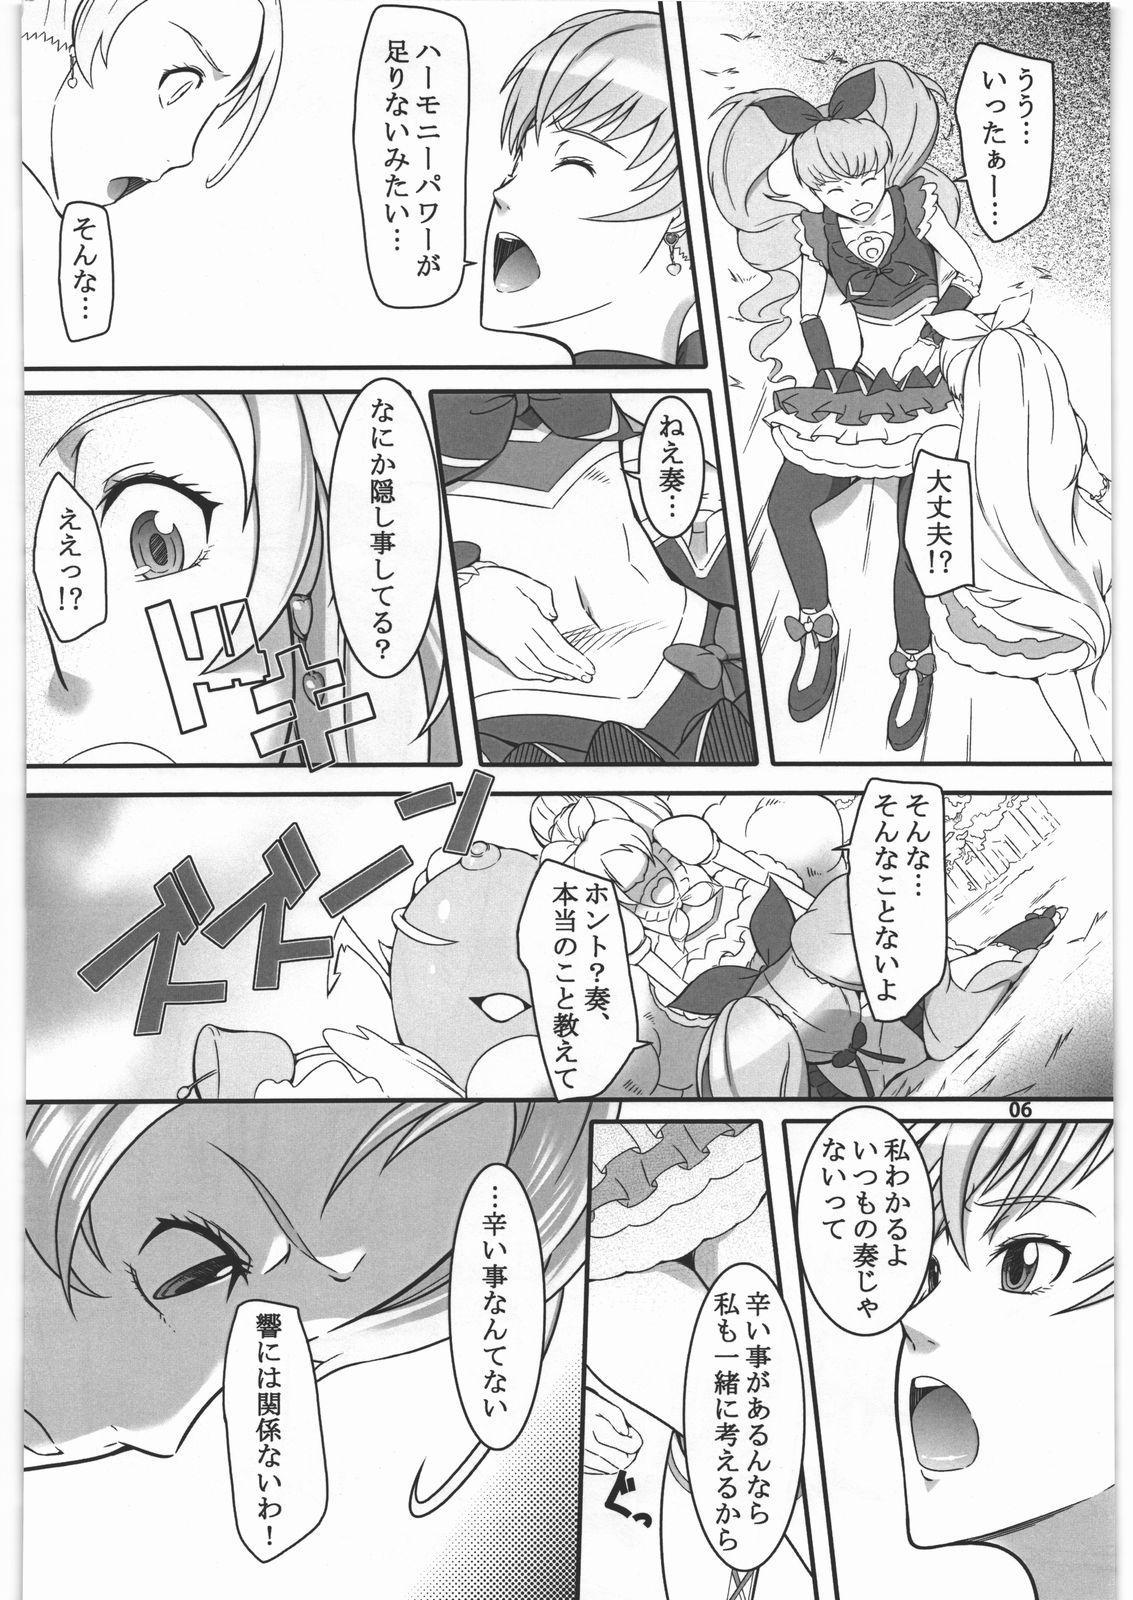 Shichinenme no Uwaki 4